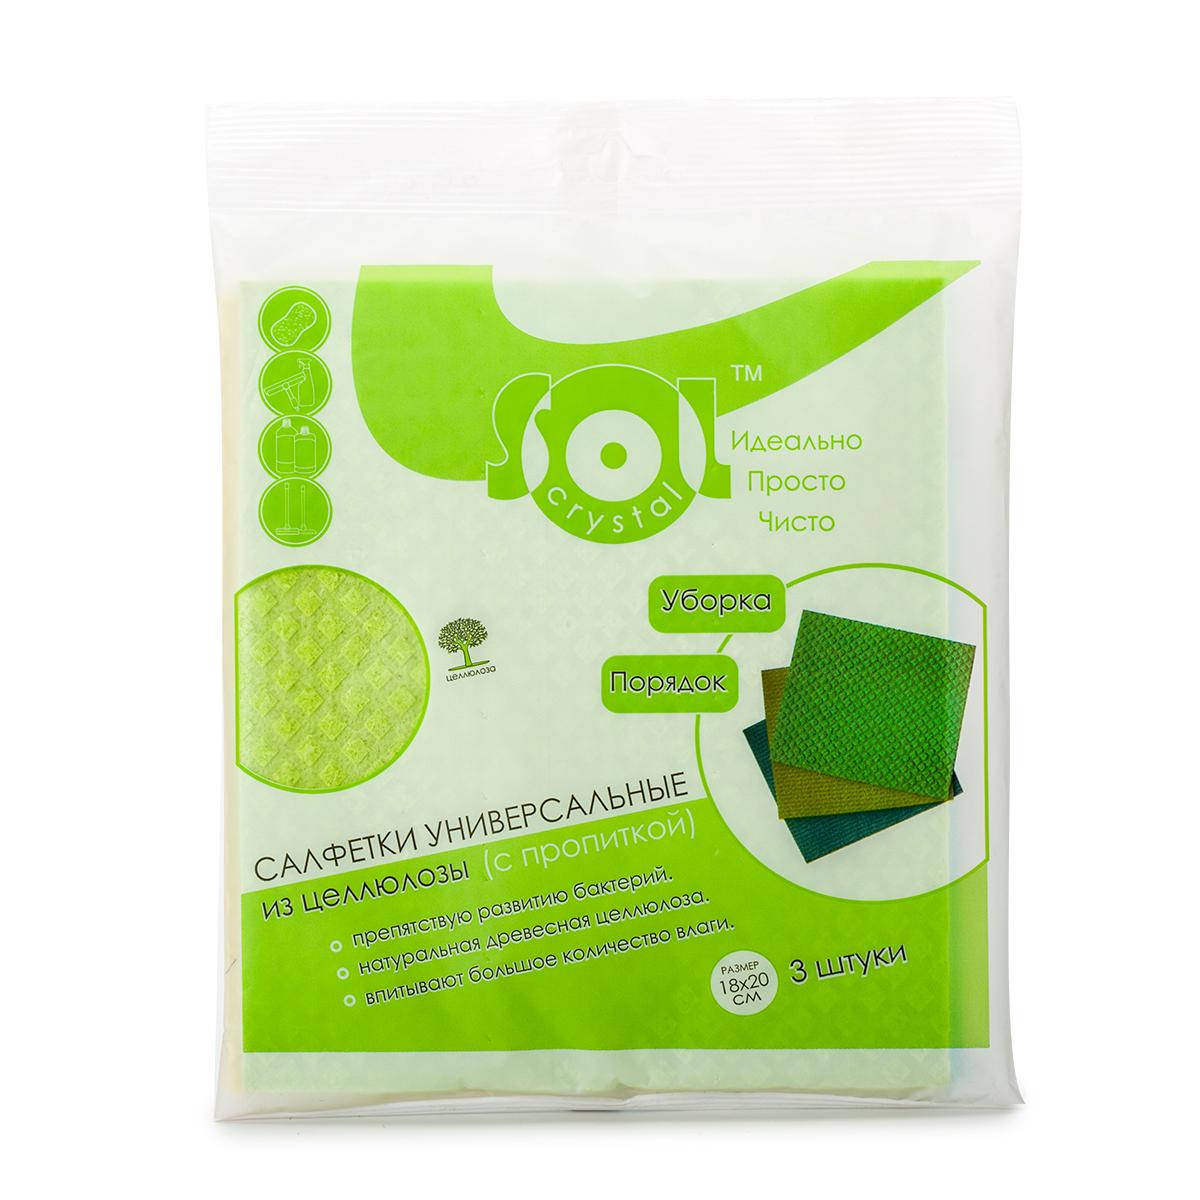 Салфетка хозяйственная Sol Crystal, с пропиткой, 18 x 20 см, 3 шт20002/70015Хозяйственная салфетка Sol Crystal предназначена для мытья, протирания и полировки. Салфетка выполнена из целлюлозы с добавлением армированной хлопковой нити. Она хорошо поглощает влагу, эффективно очищает поверхности и не оставляет ворсинок. Идеальна для ухода за столешницами и раковиной на кухне, за стеклом и зеркалами, деревянной мебелью. Может использоваться в сухом и влажном виде.